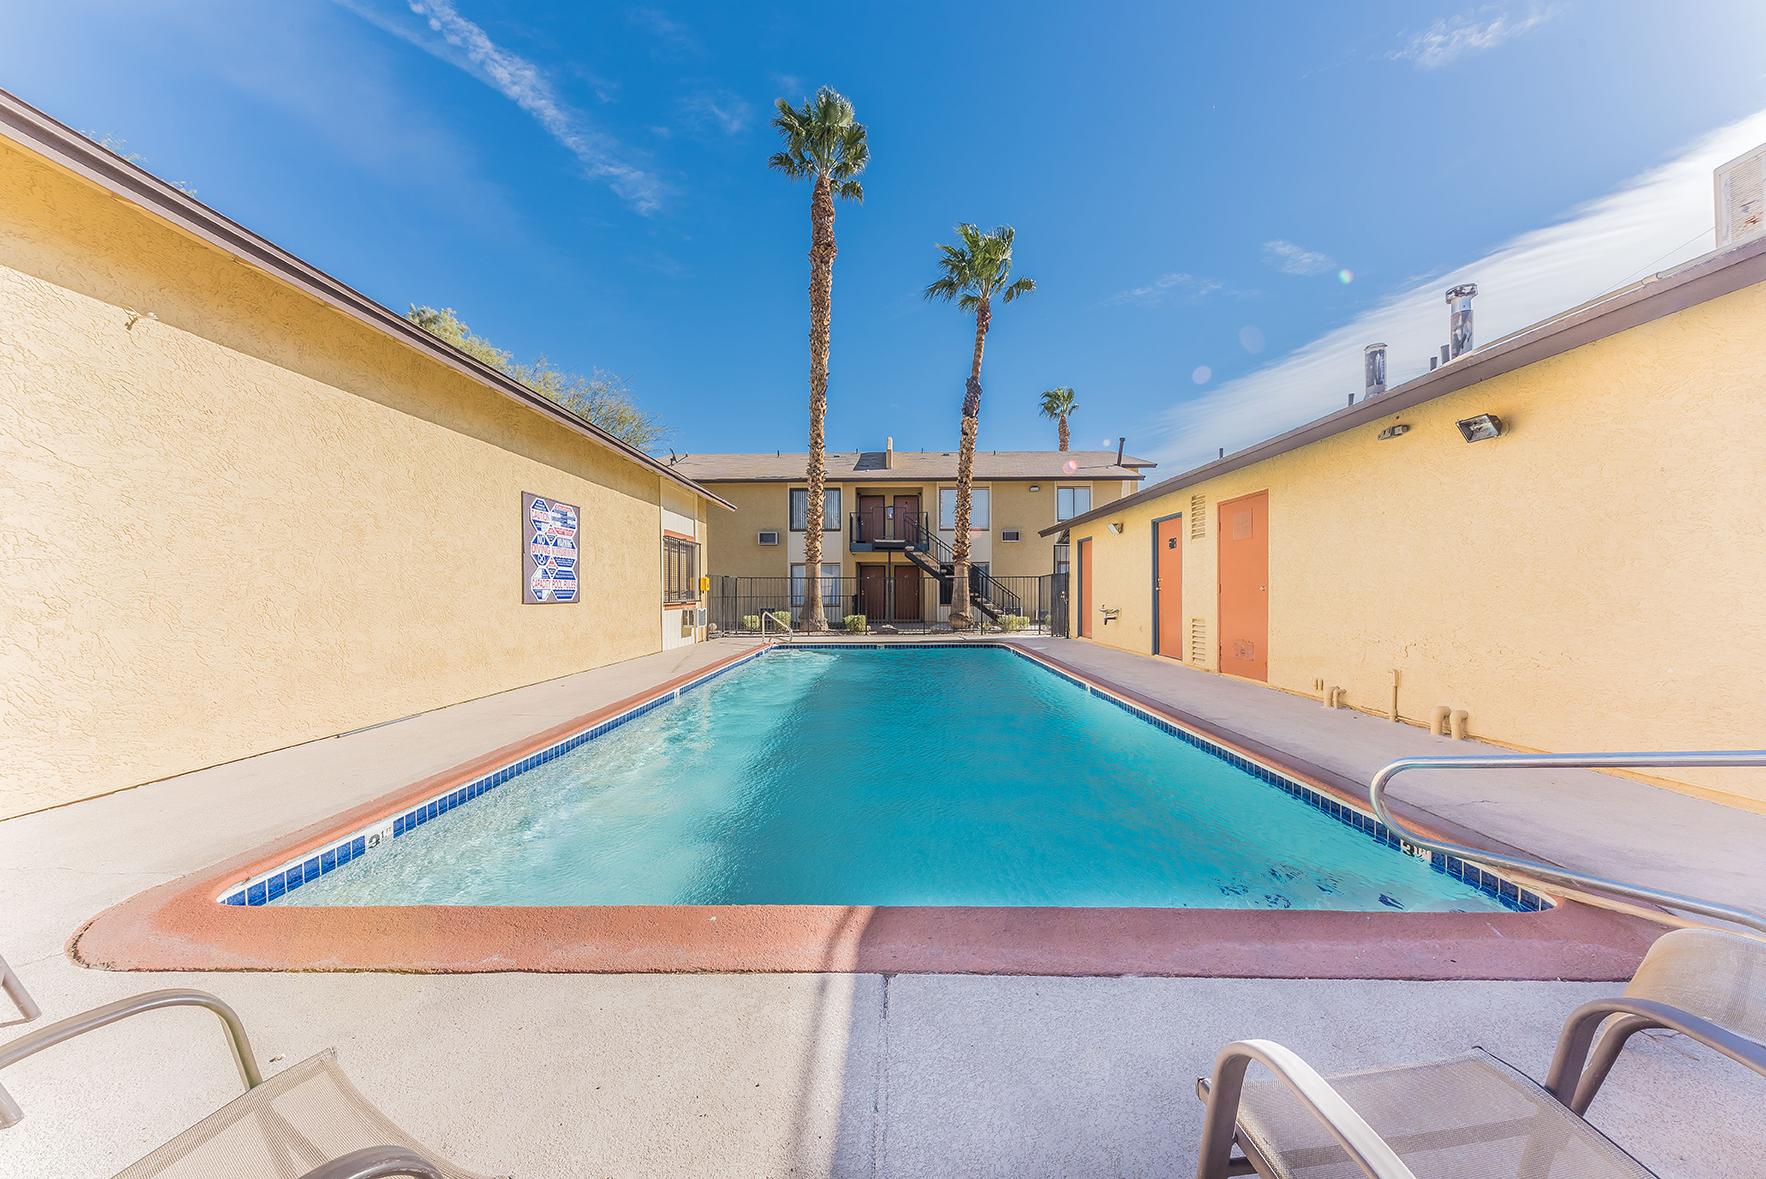 Rancho Alvarado Apartments